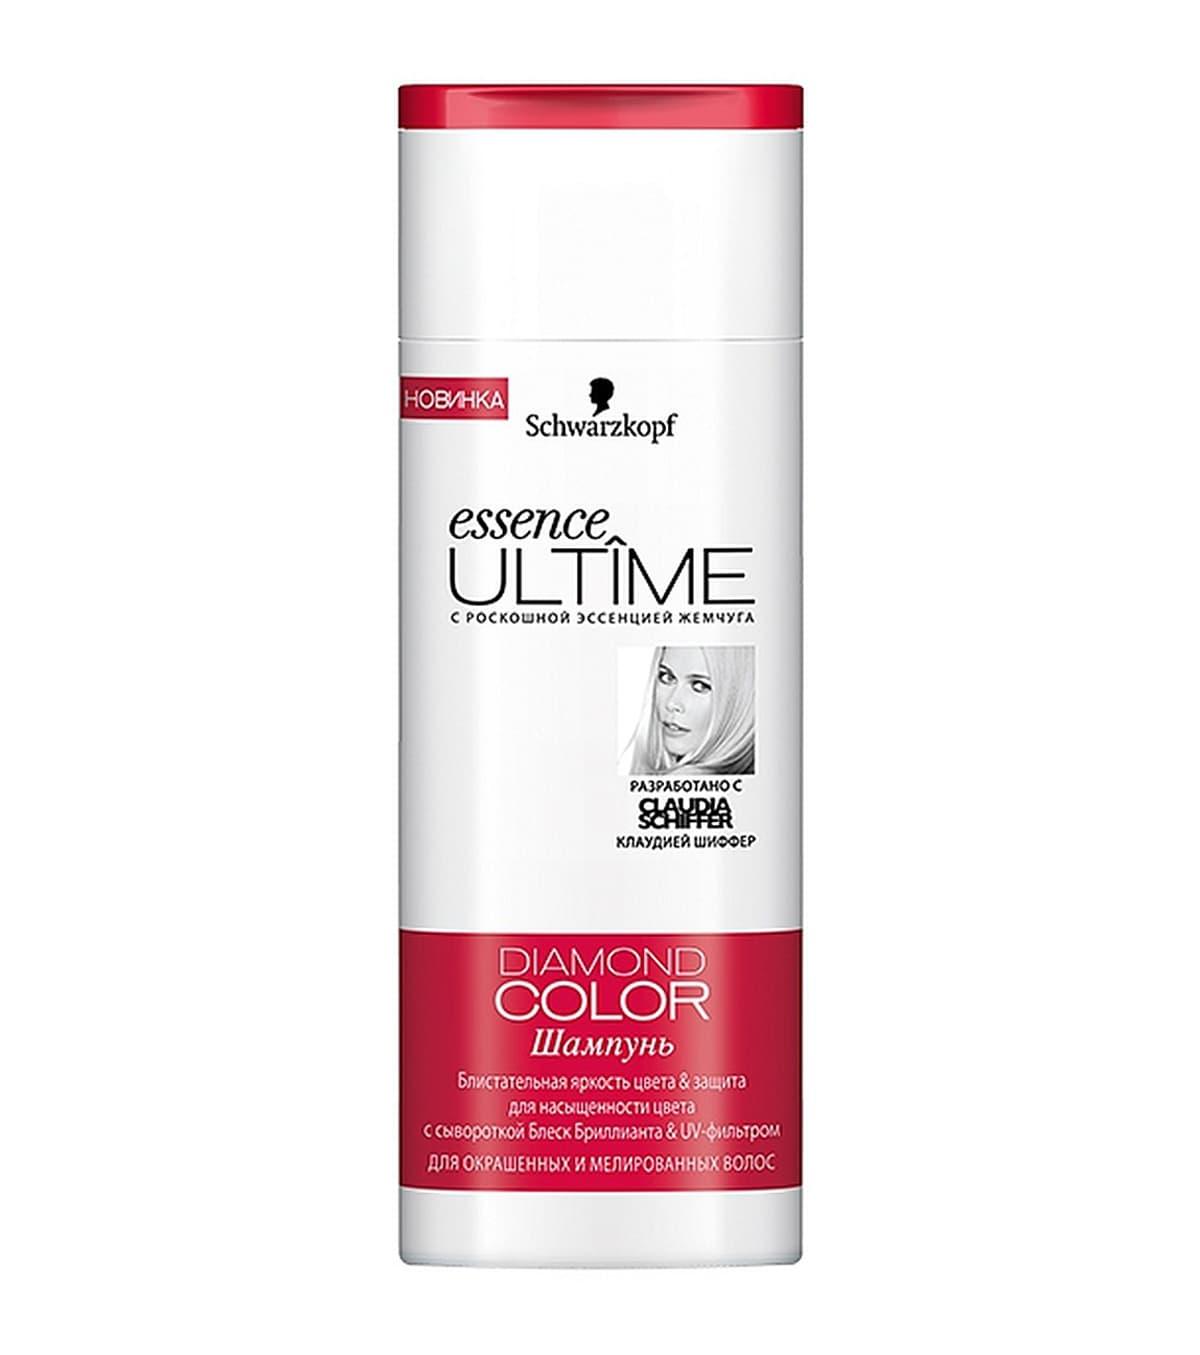 Schwarzkopf Essence Ultime Diamond Color Шампунь Для Окрашенных И Мелированных Волос